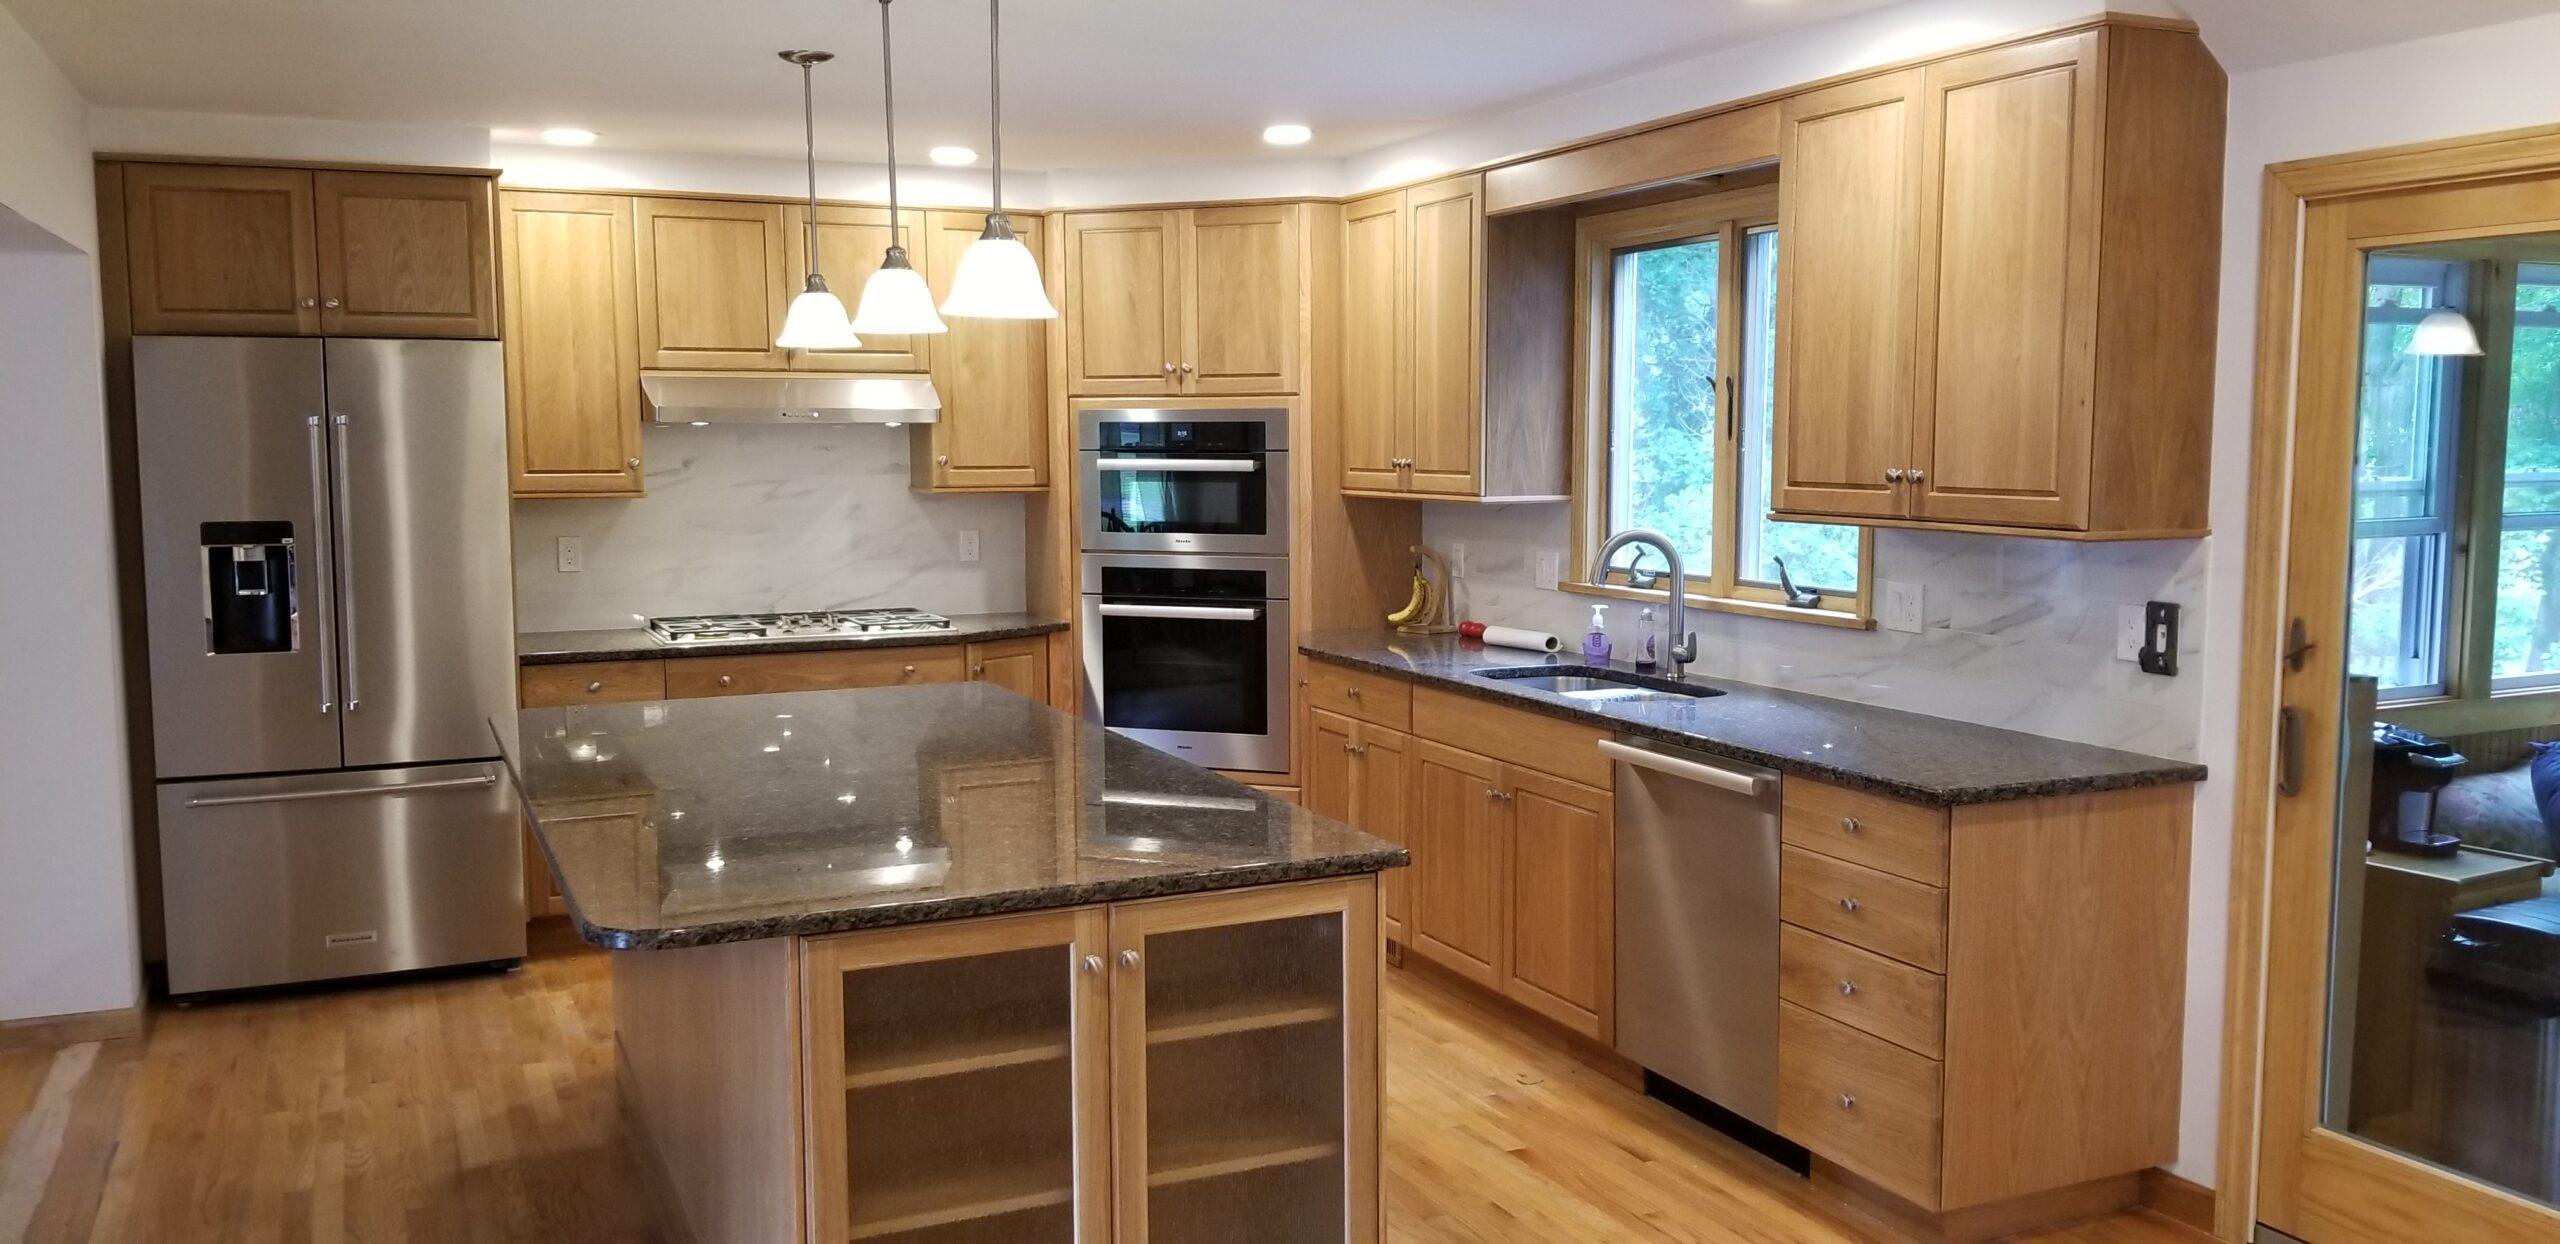 East Longmeadow Madrid style kitchen remodel